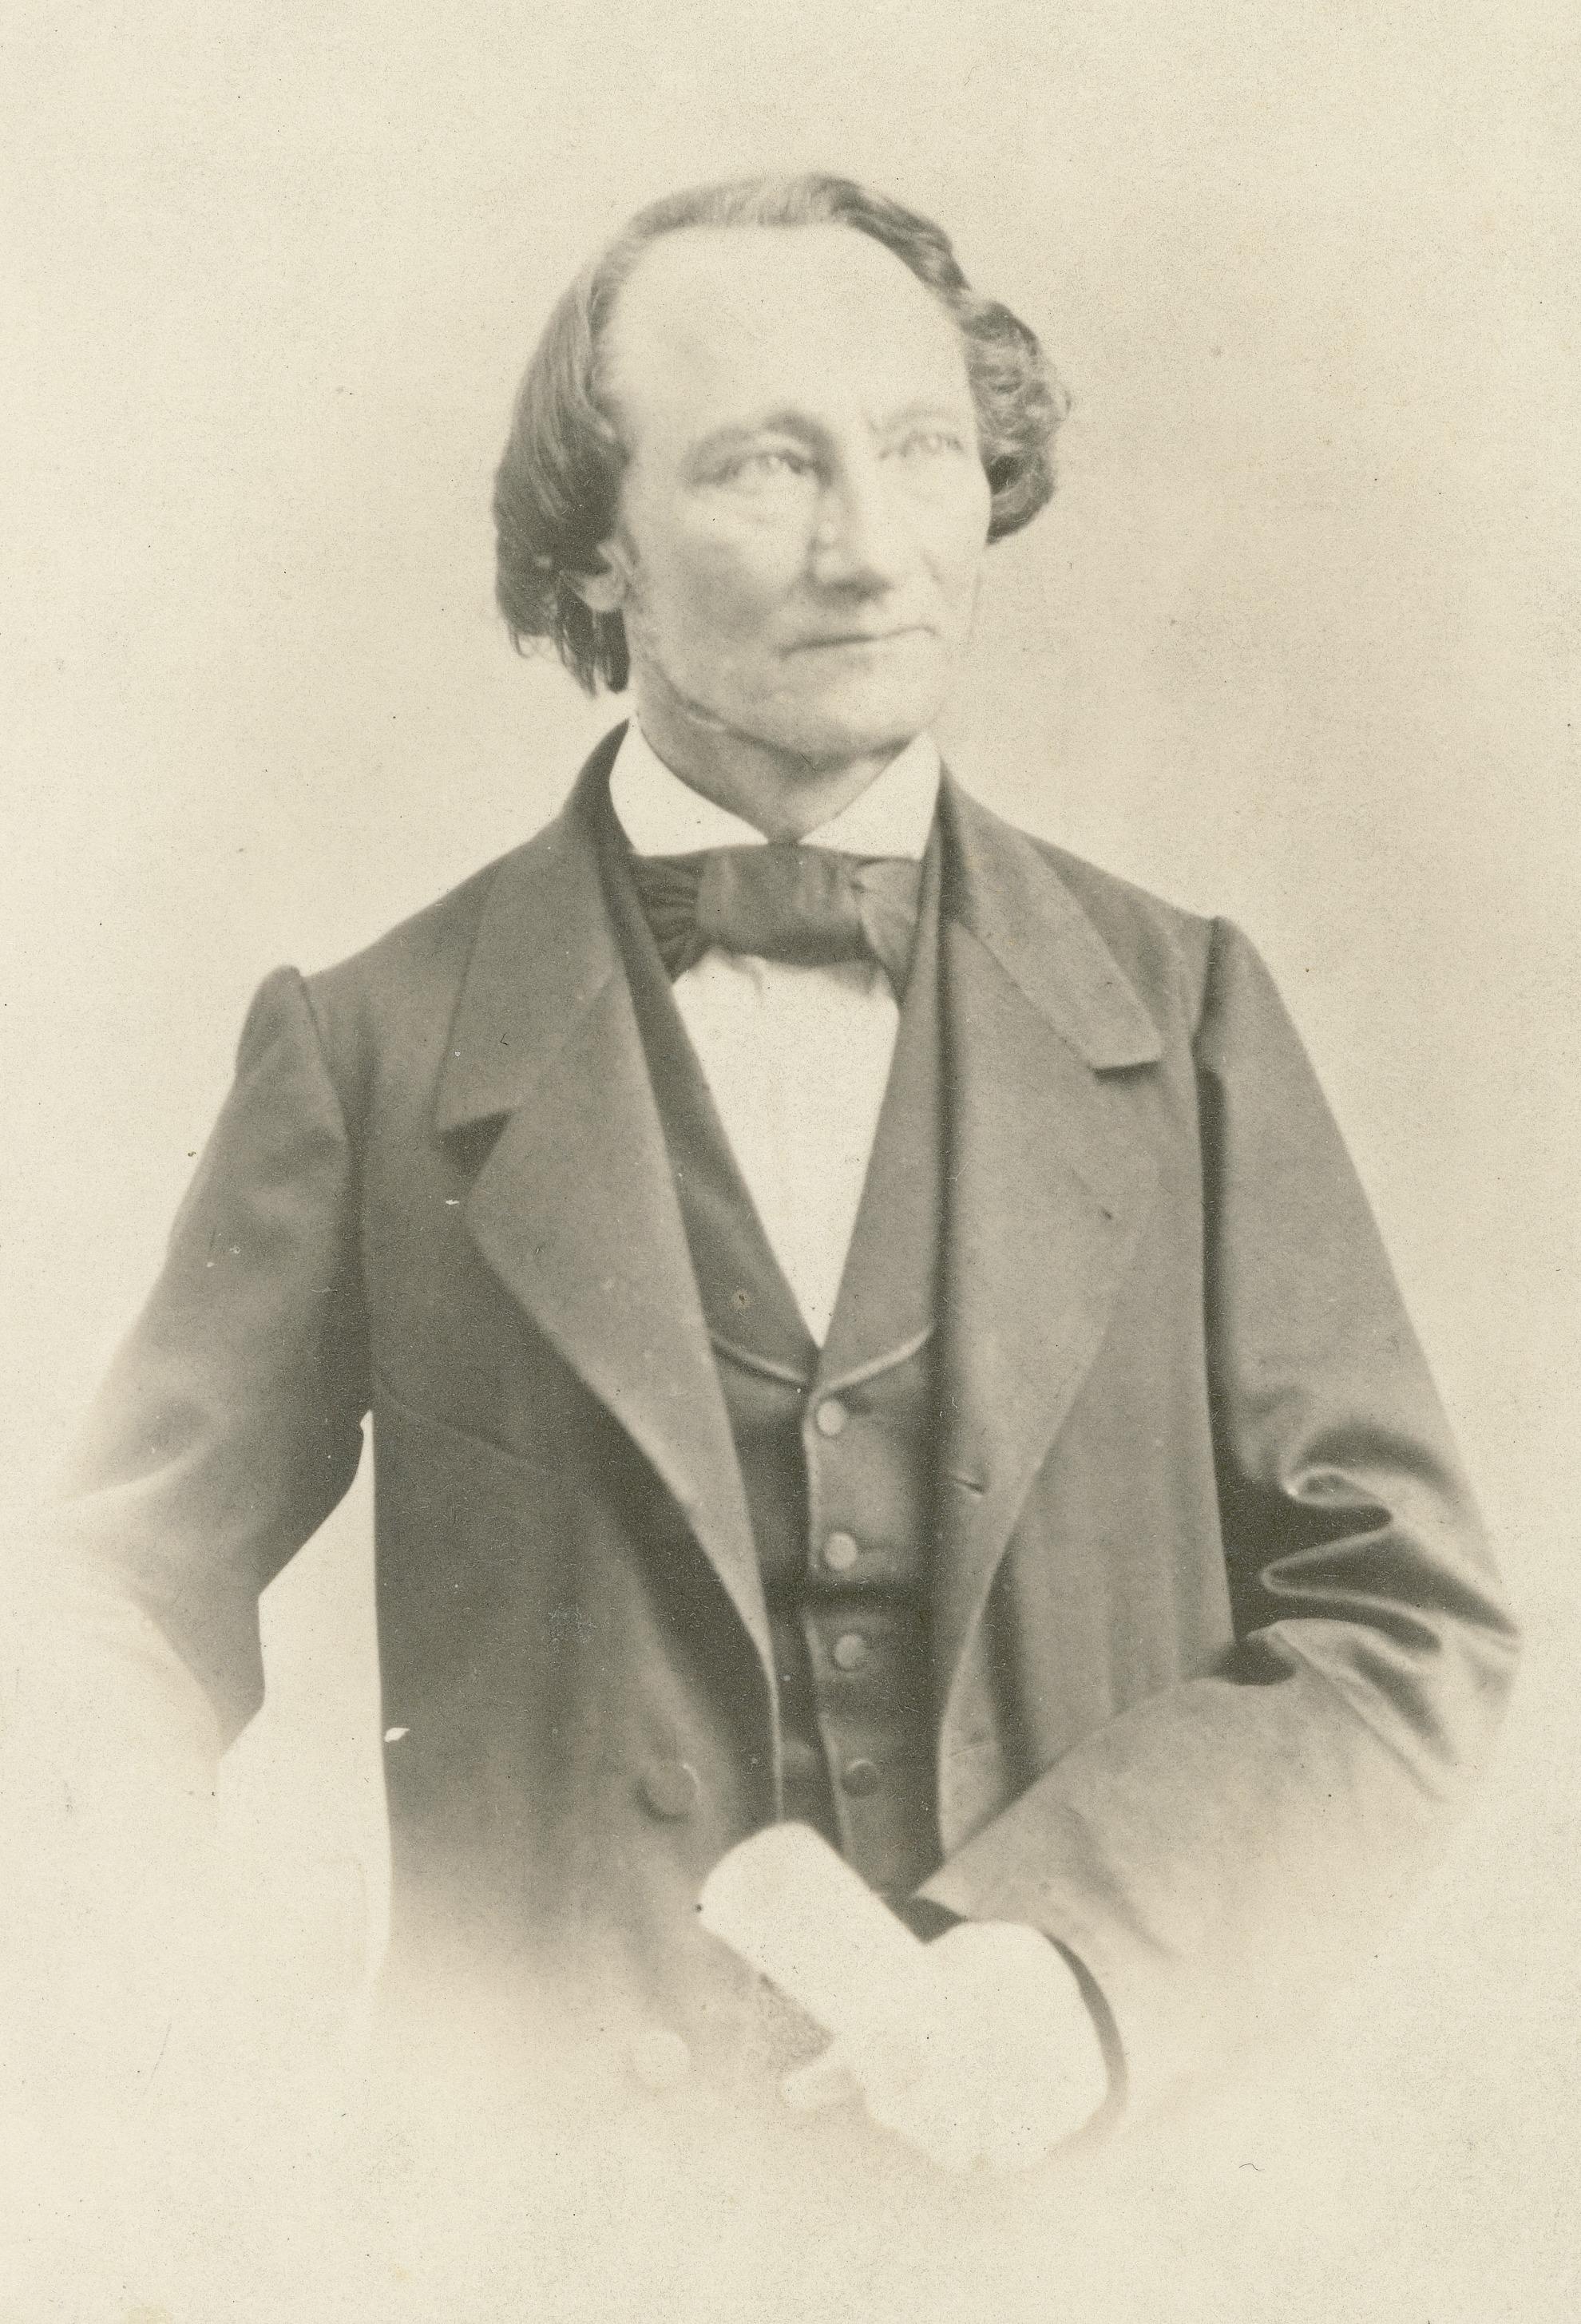 Gottfried Ludwig Theobald, c. 1870